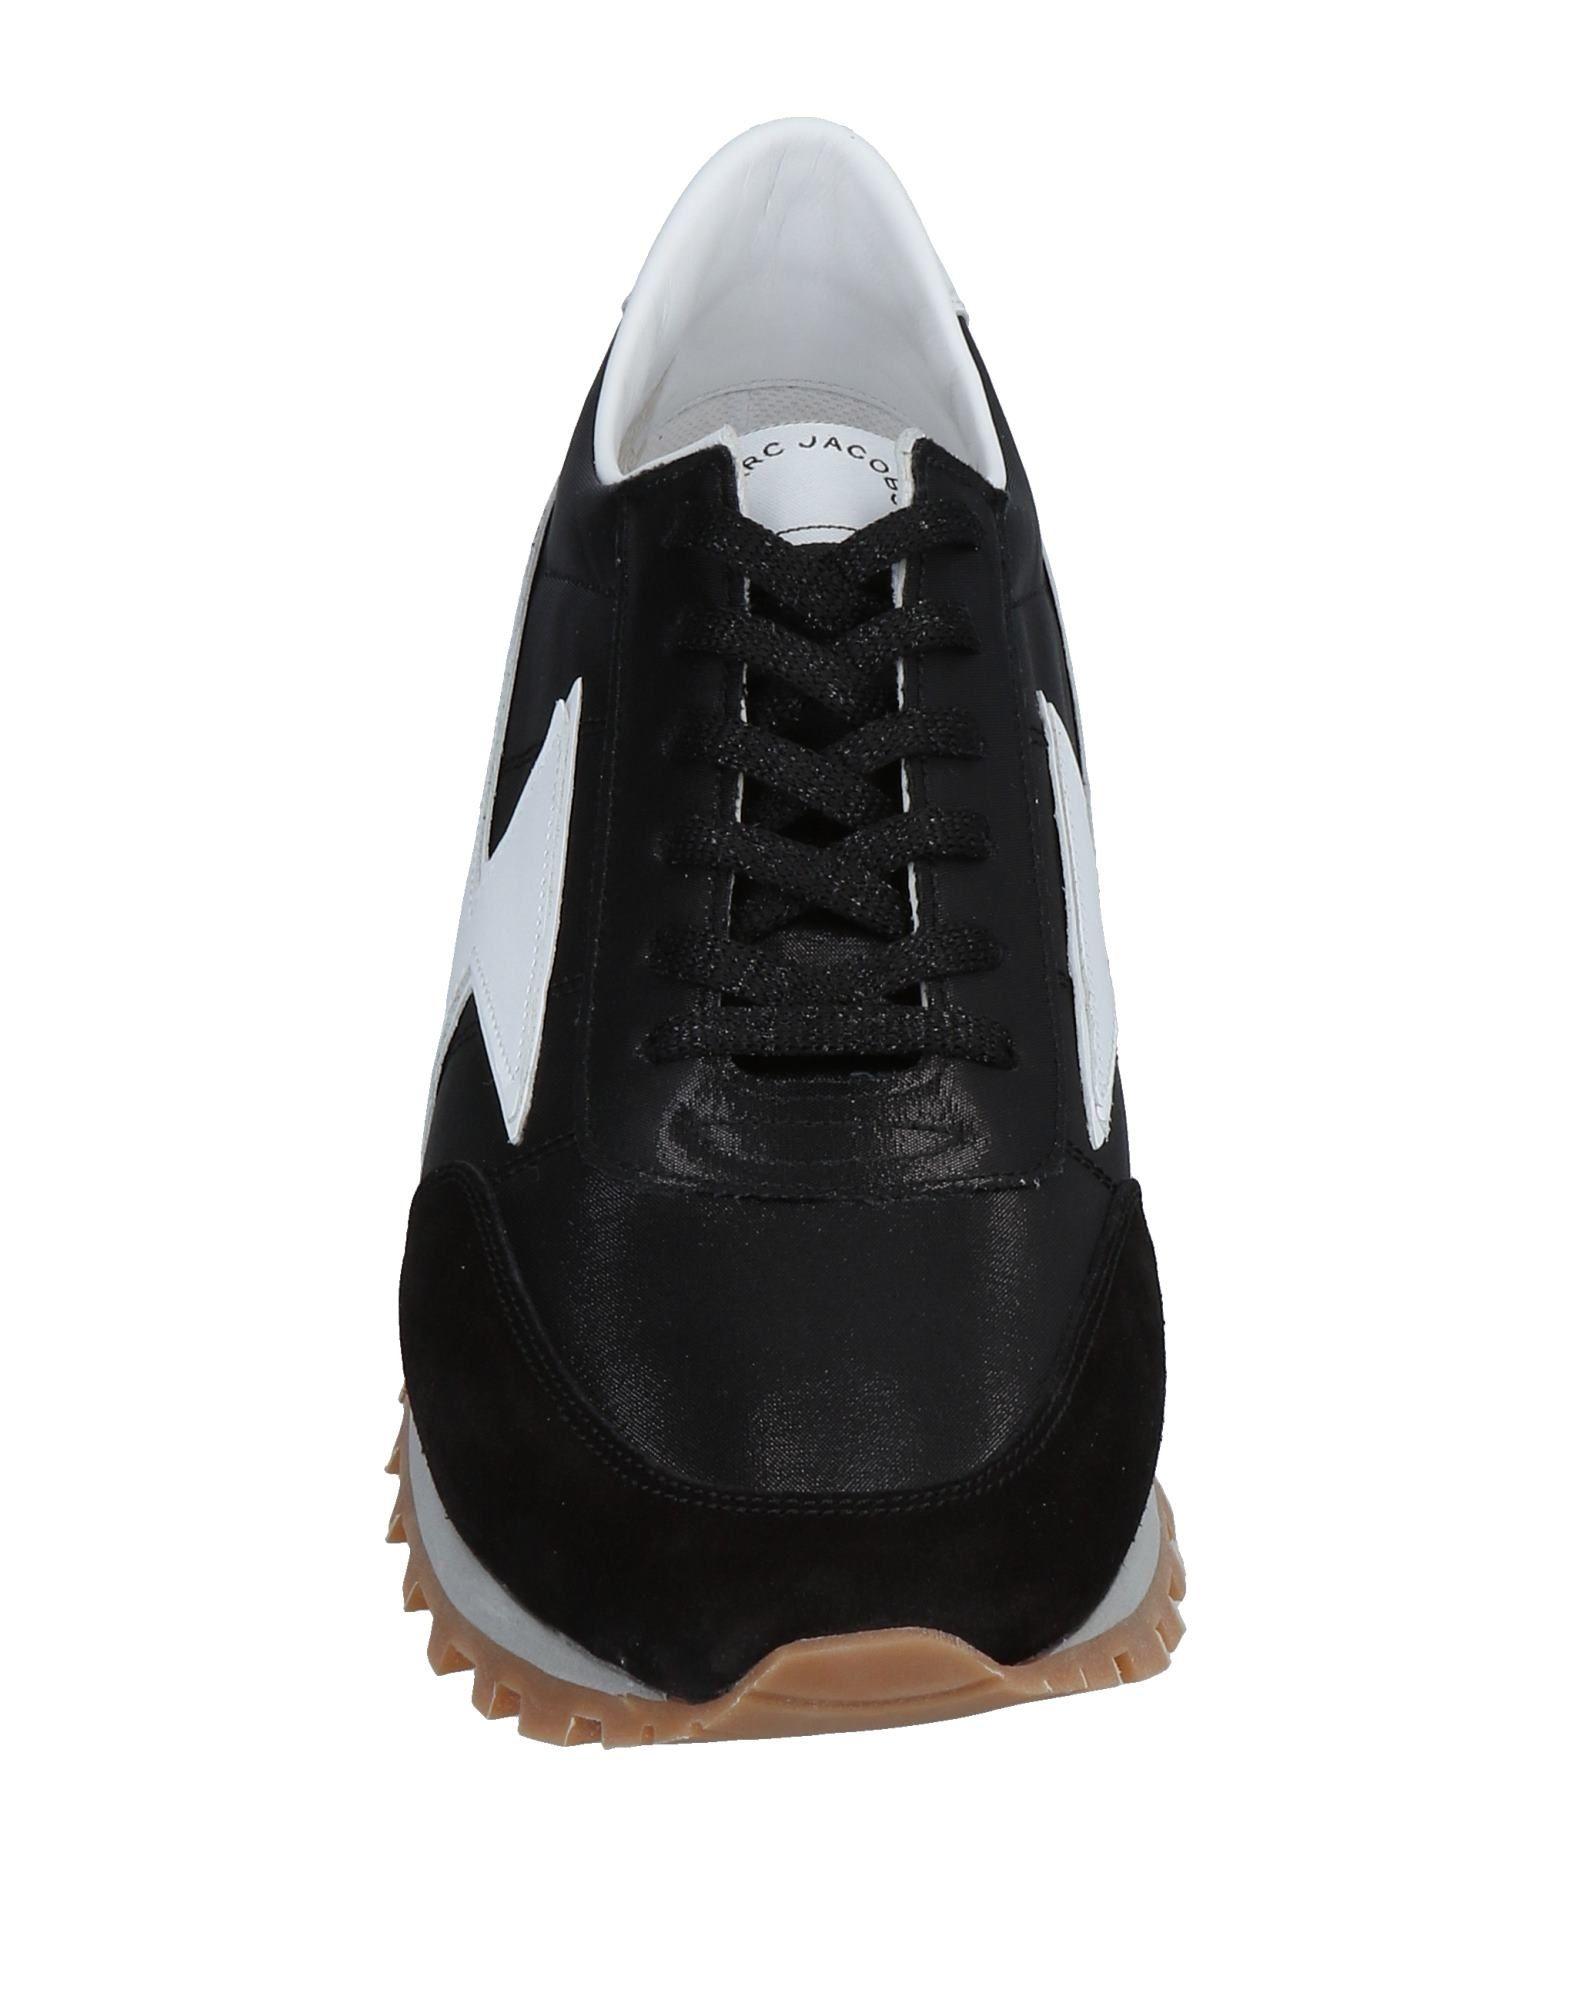 Marc Jacobs Sneakers Herren  11492496JJ Gute Qualität beliebte Schuhe